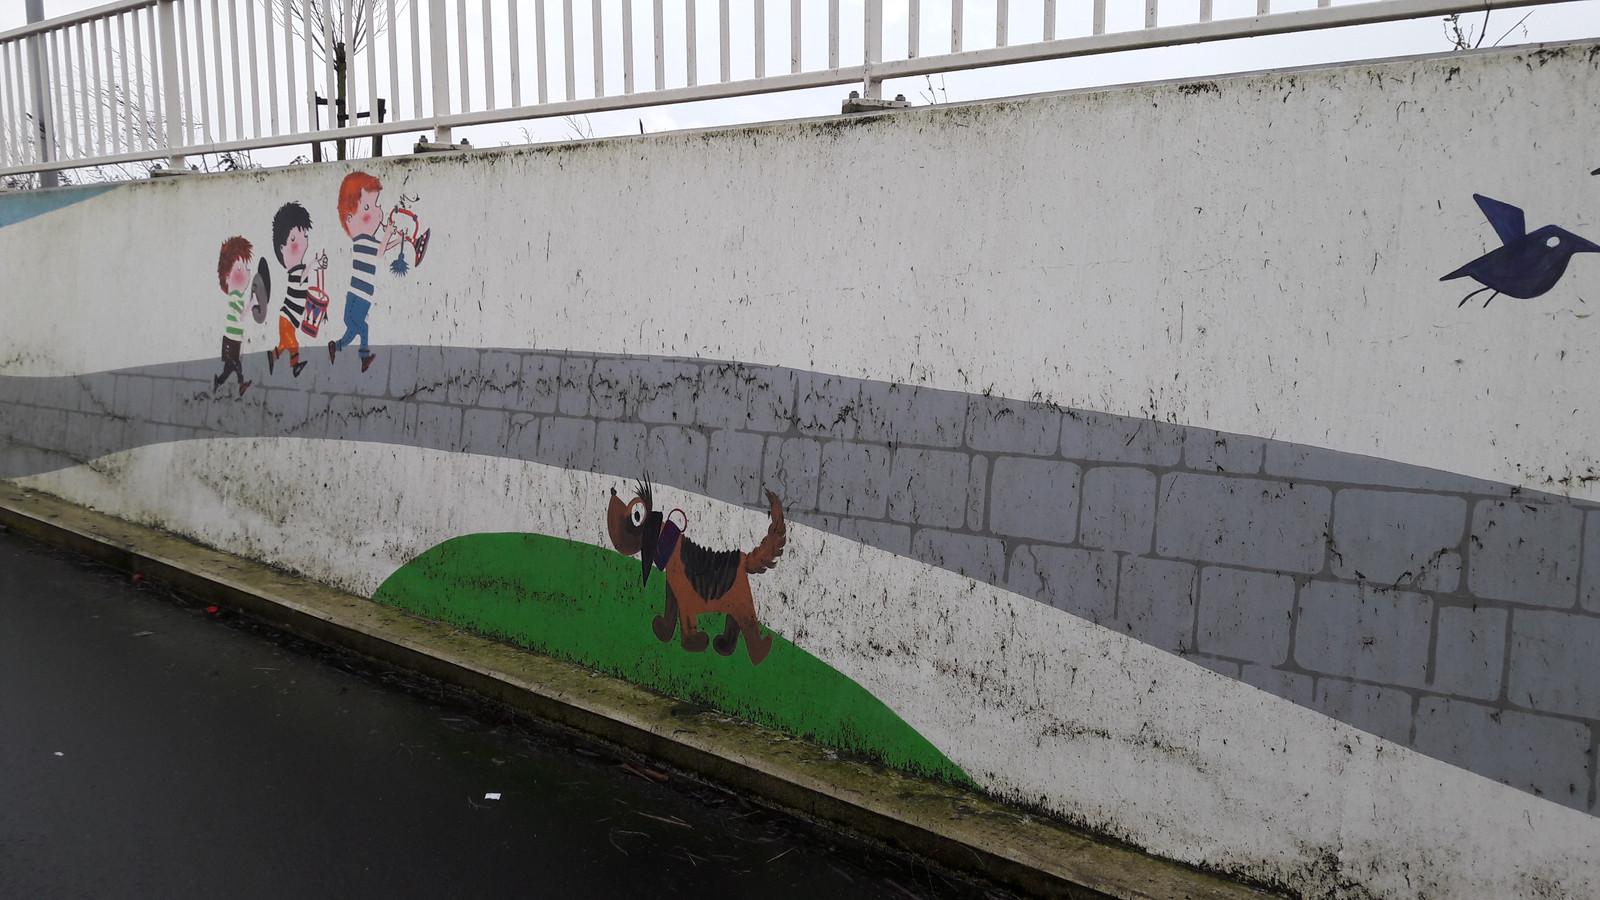 Flinke delen van de schilderingen in de Fiepstunnel in Zaltbommel worden ontsierd door spetters, sprietjes en spinnenwebben. De gemeente laat weten dat er dit voorjaar een poetsbeurt volgt.